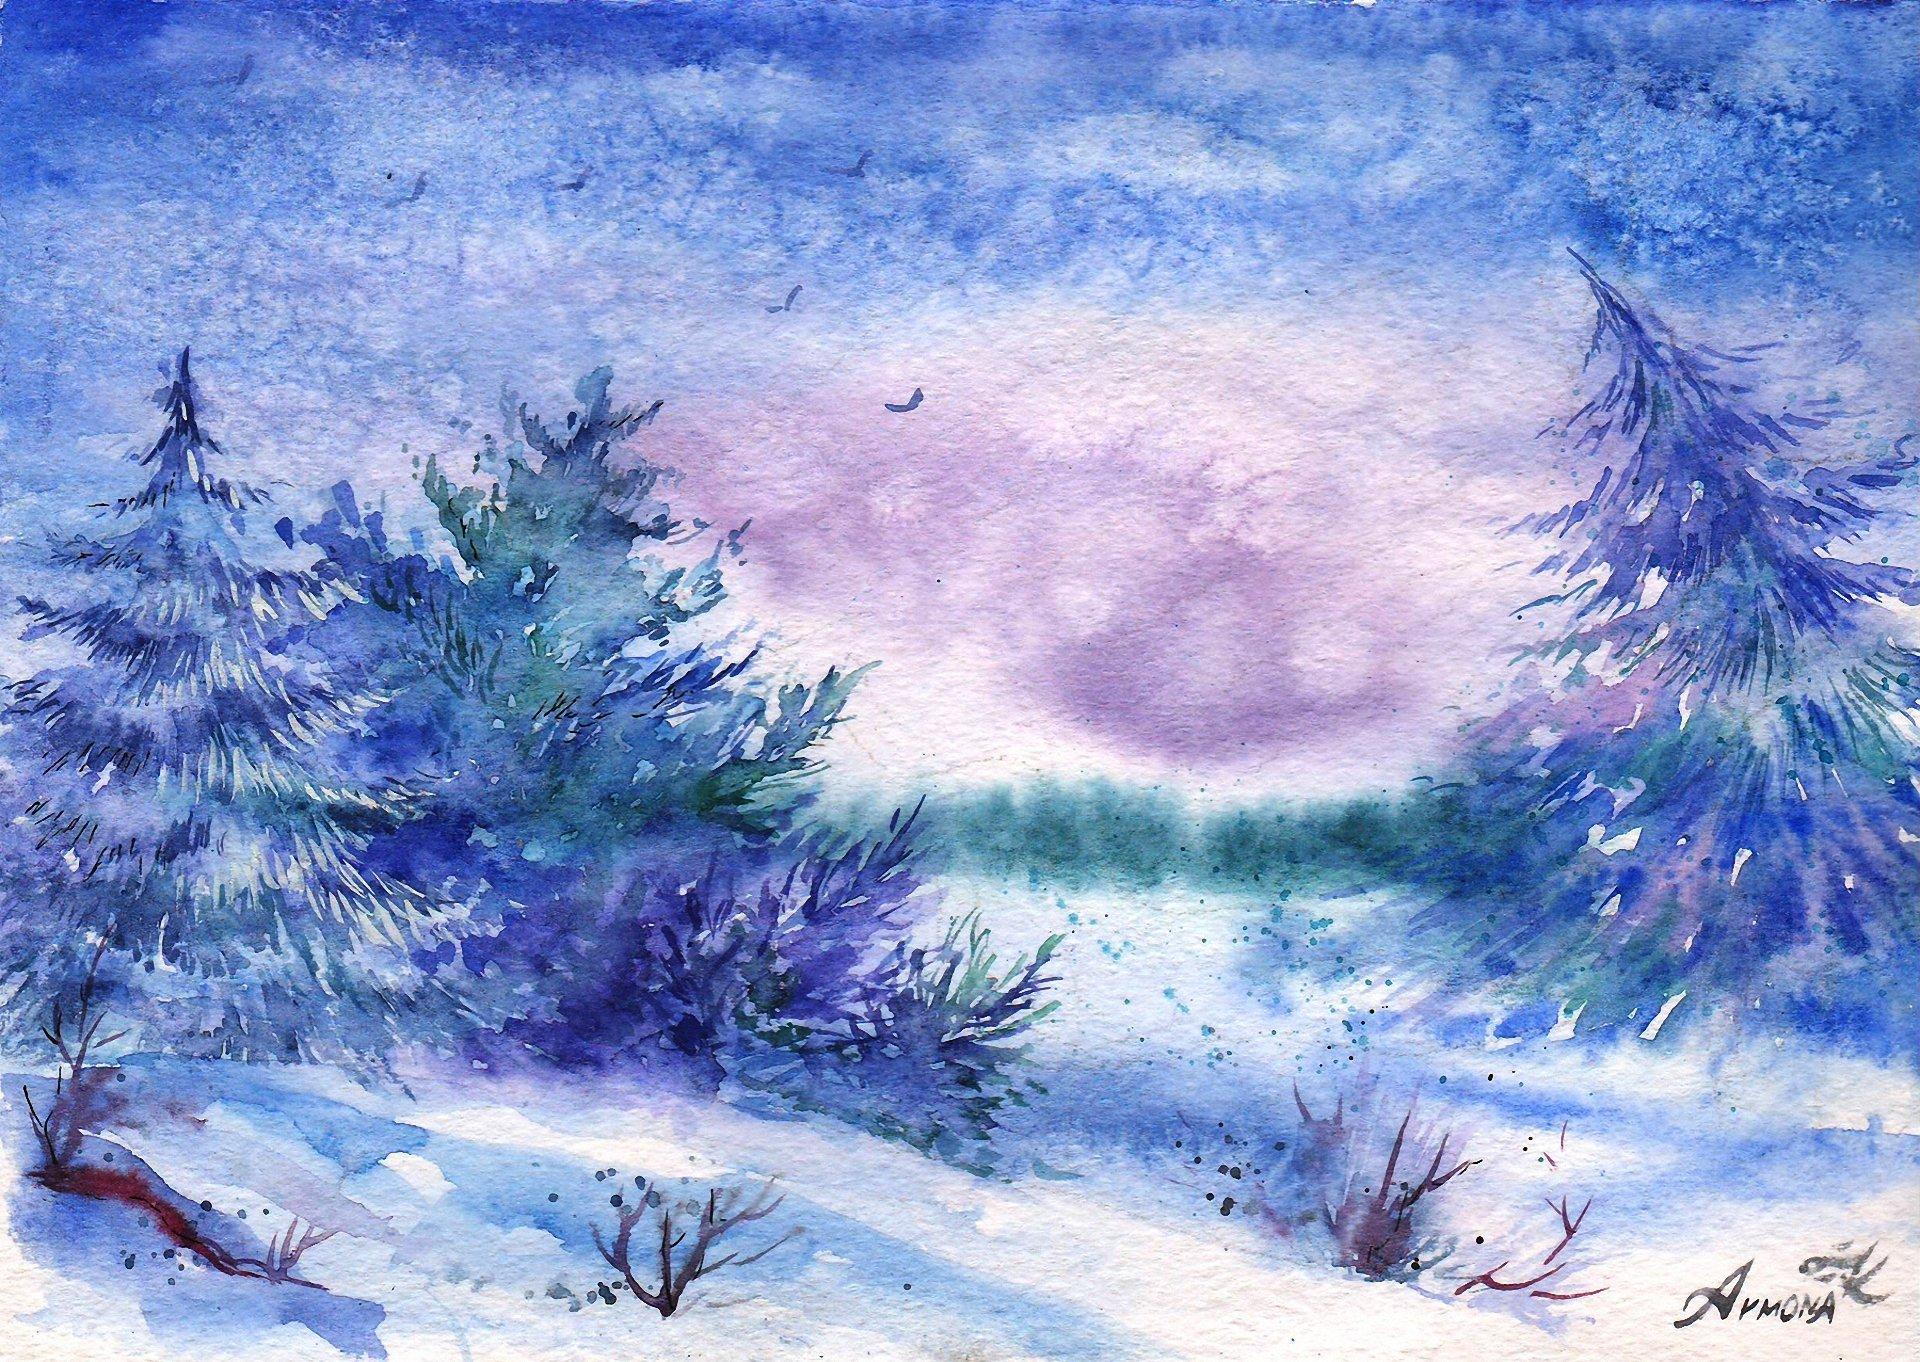 Зимний пейзаж акварель как рисовать